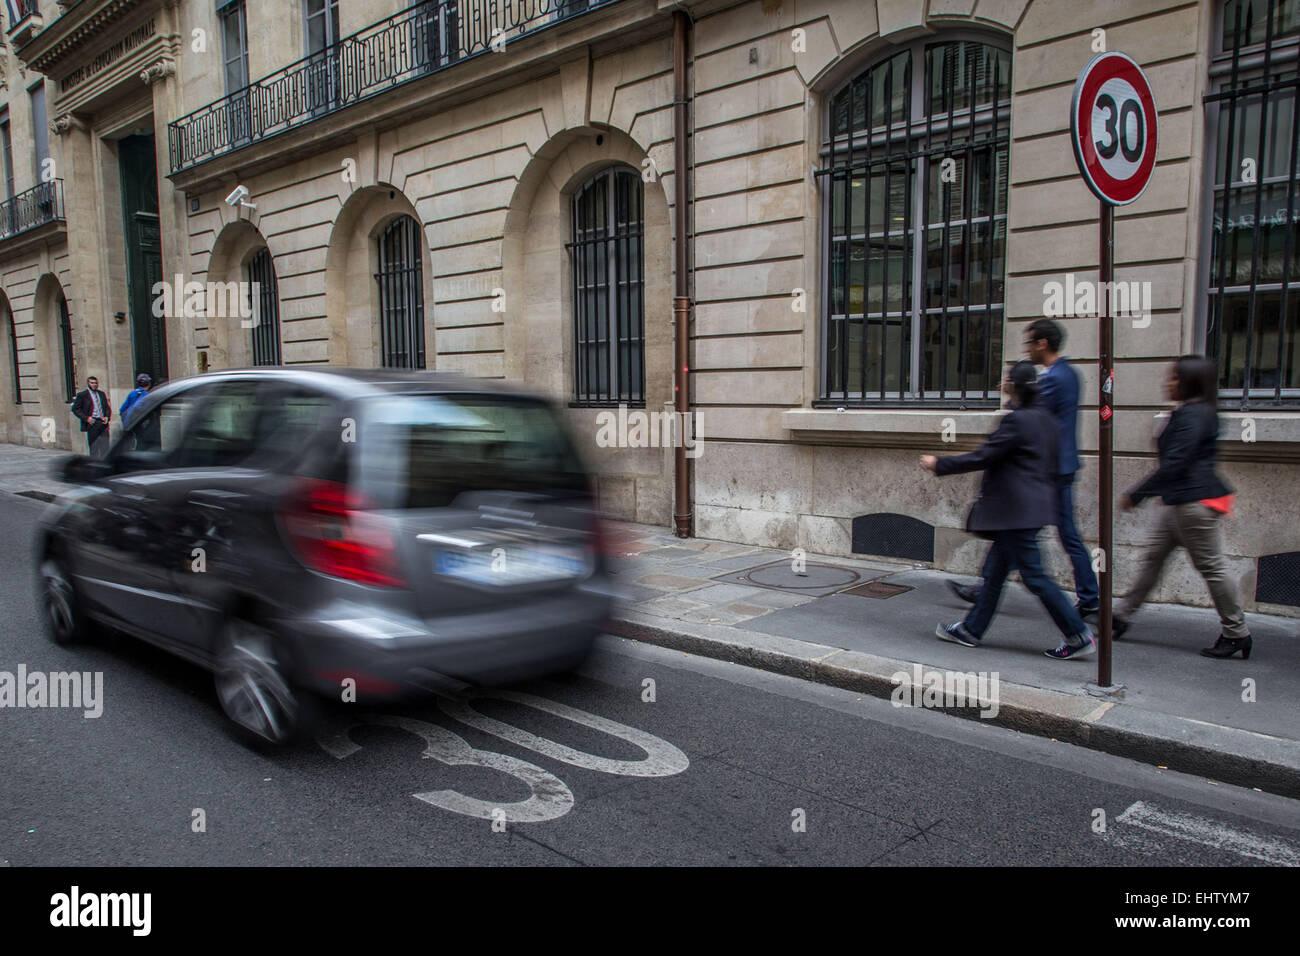 PARIS, 30 KM/H ZONE - Stock Image